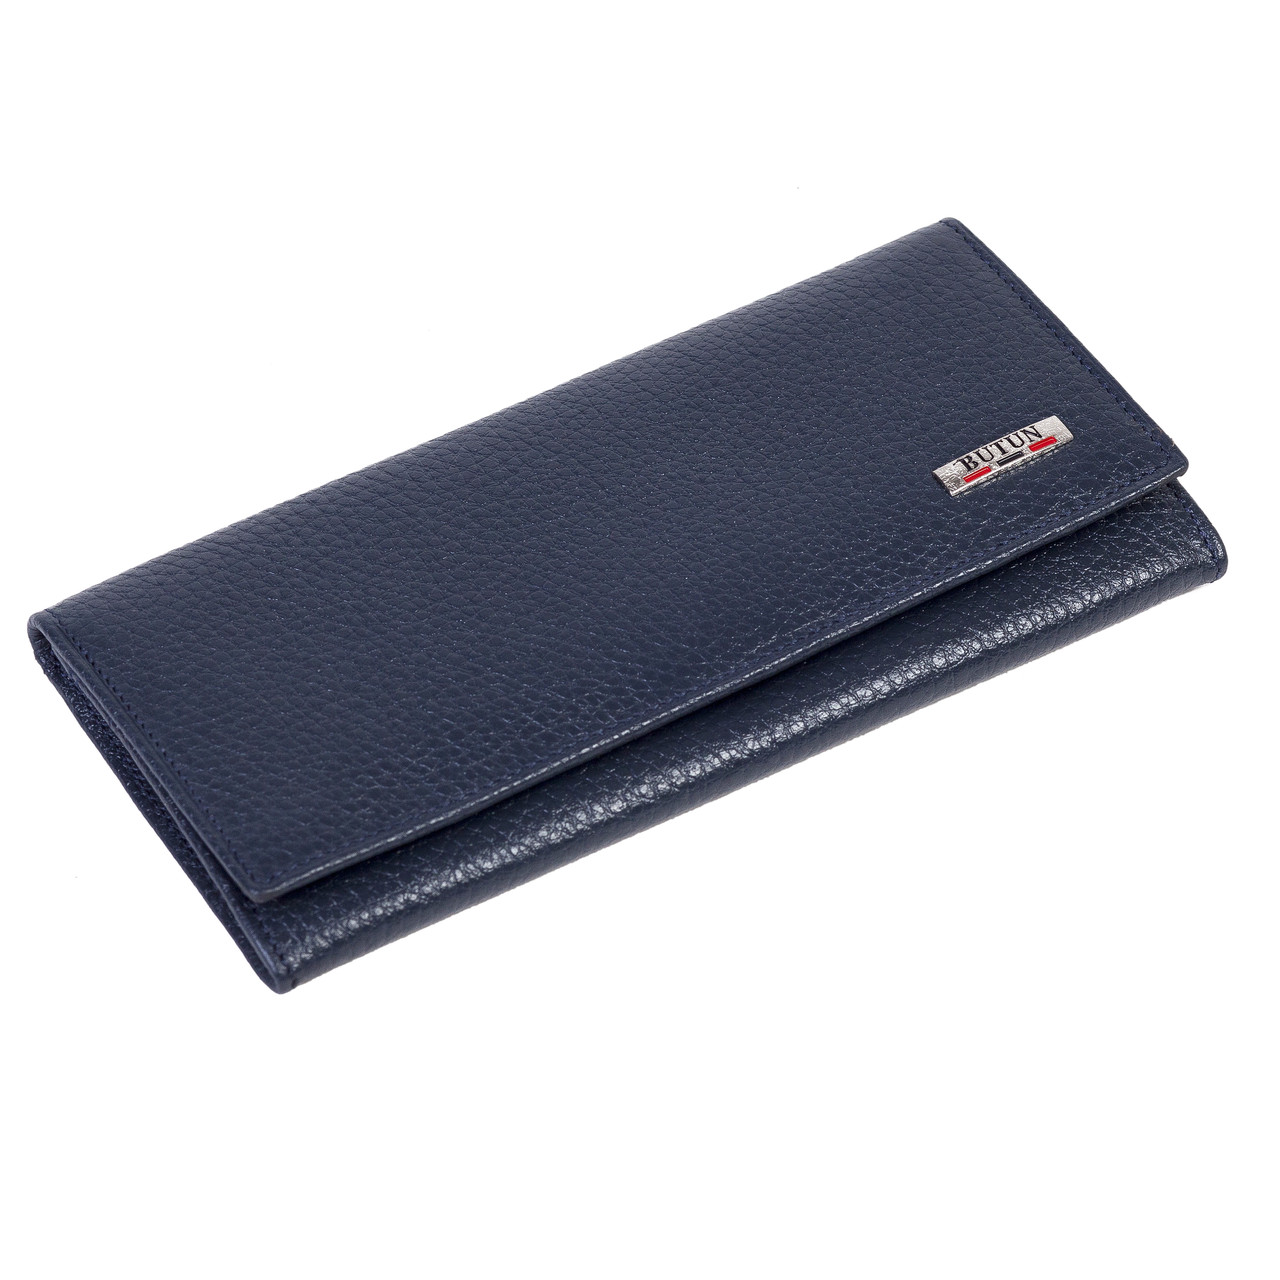 Жіночий гаманець Butun 567-004-034 шкіряний синій